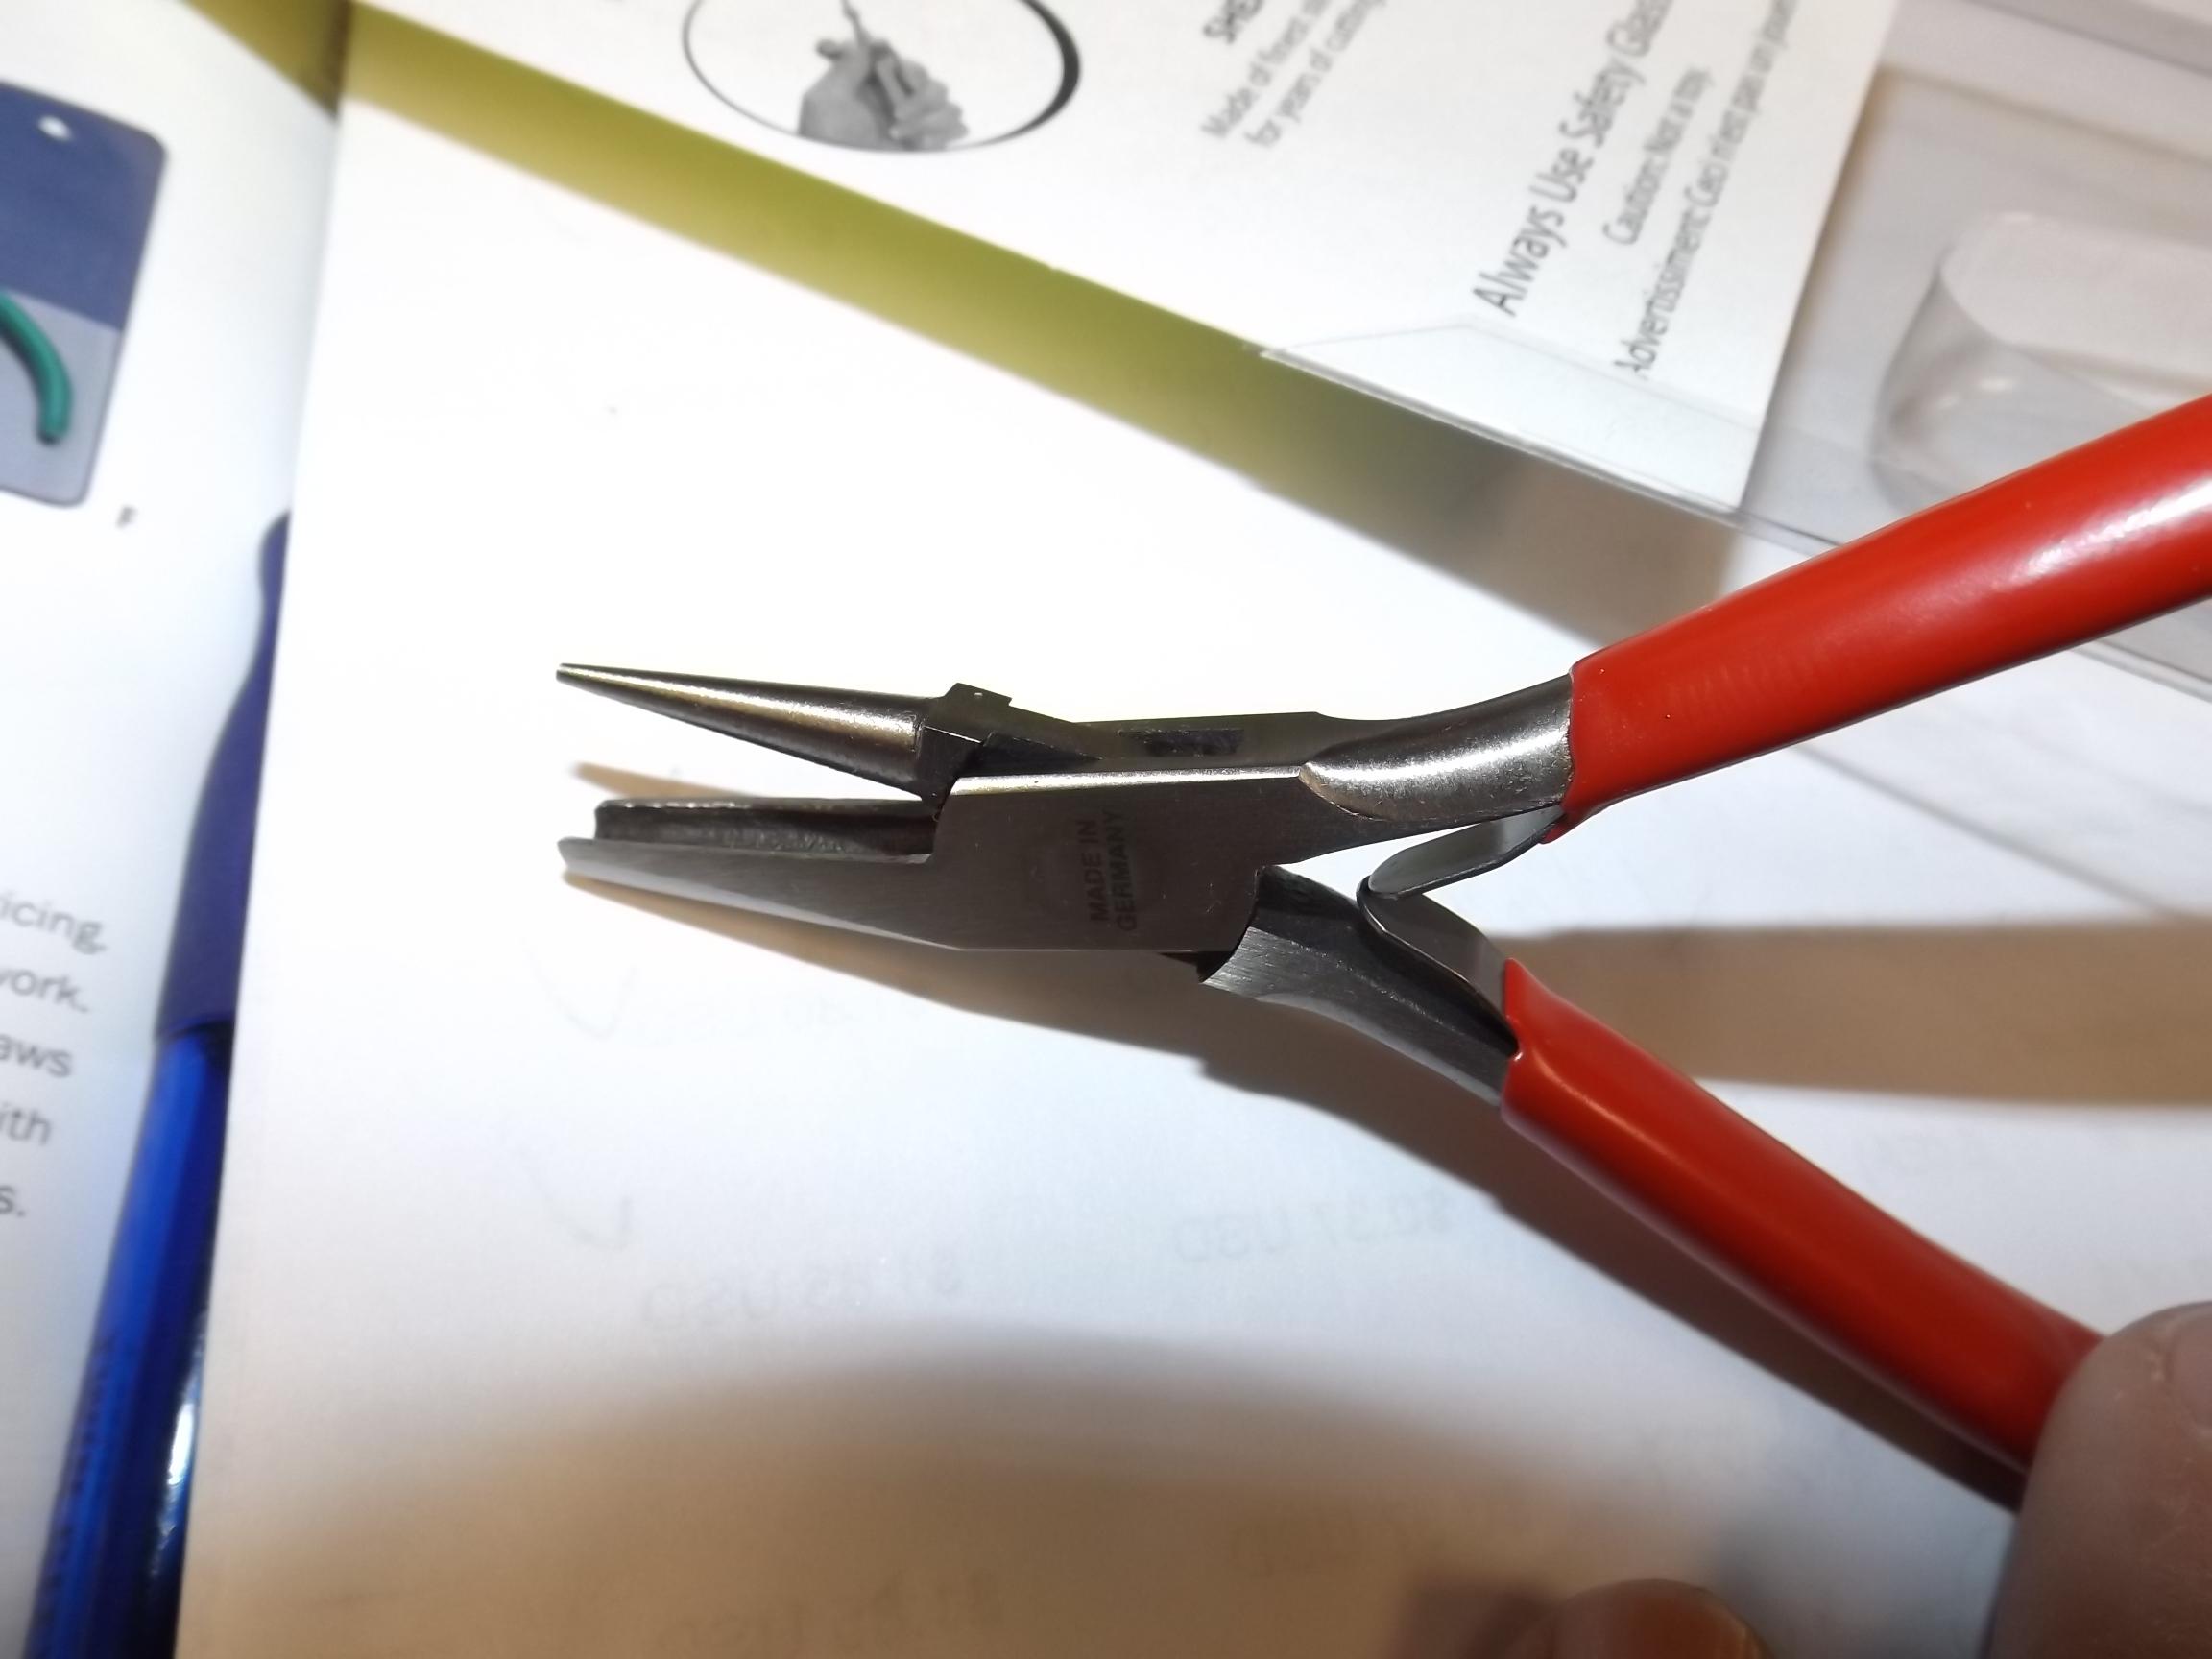 PL745 Bending Pliers- Round/Concave- Eurotool PLR-745.00